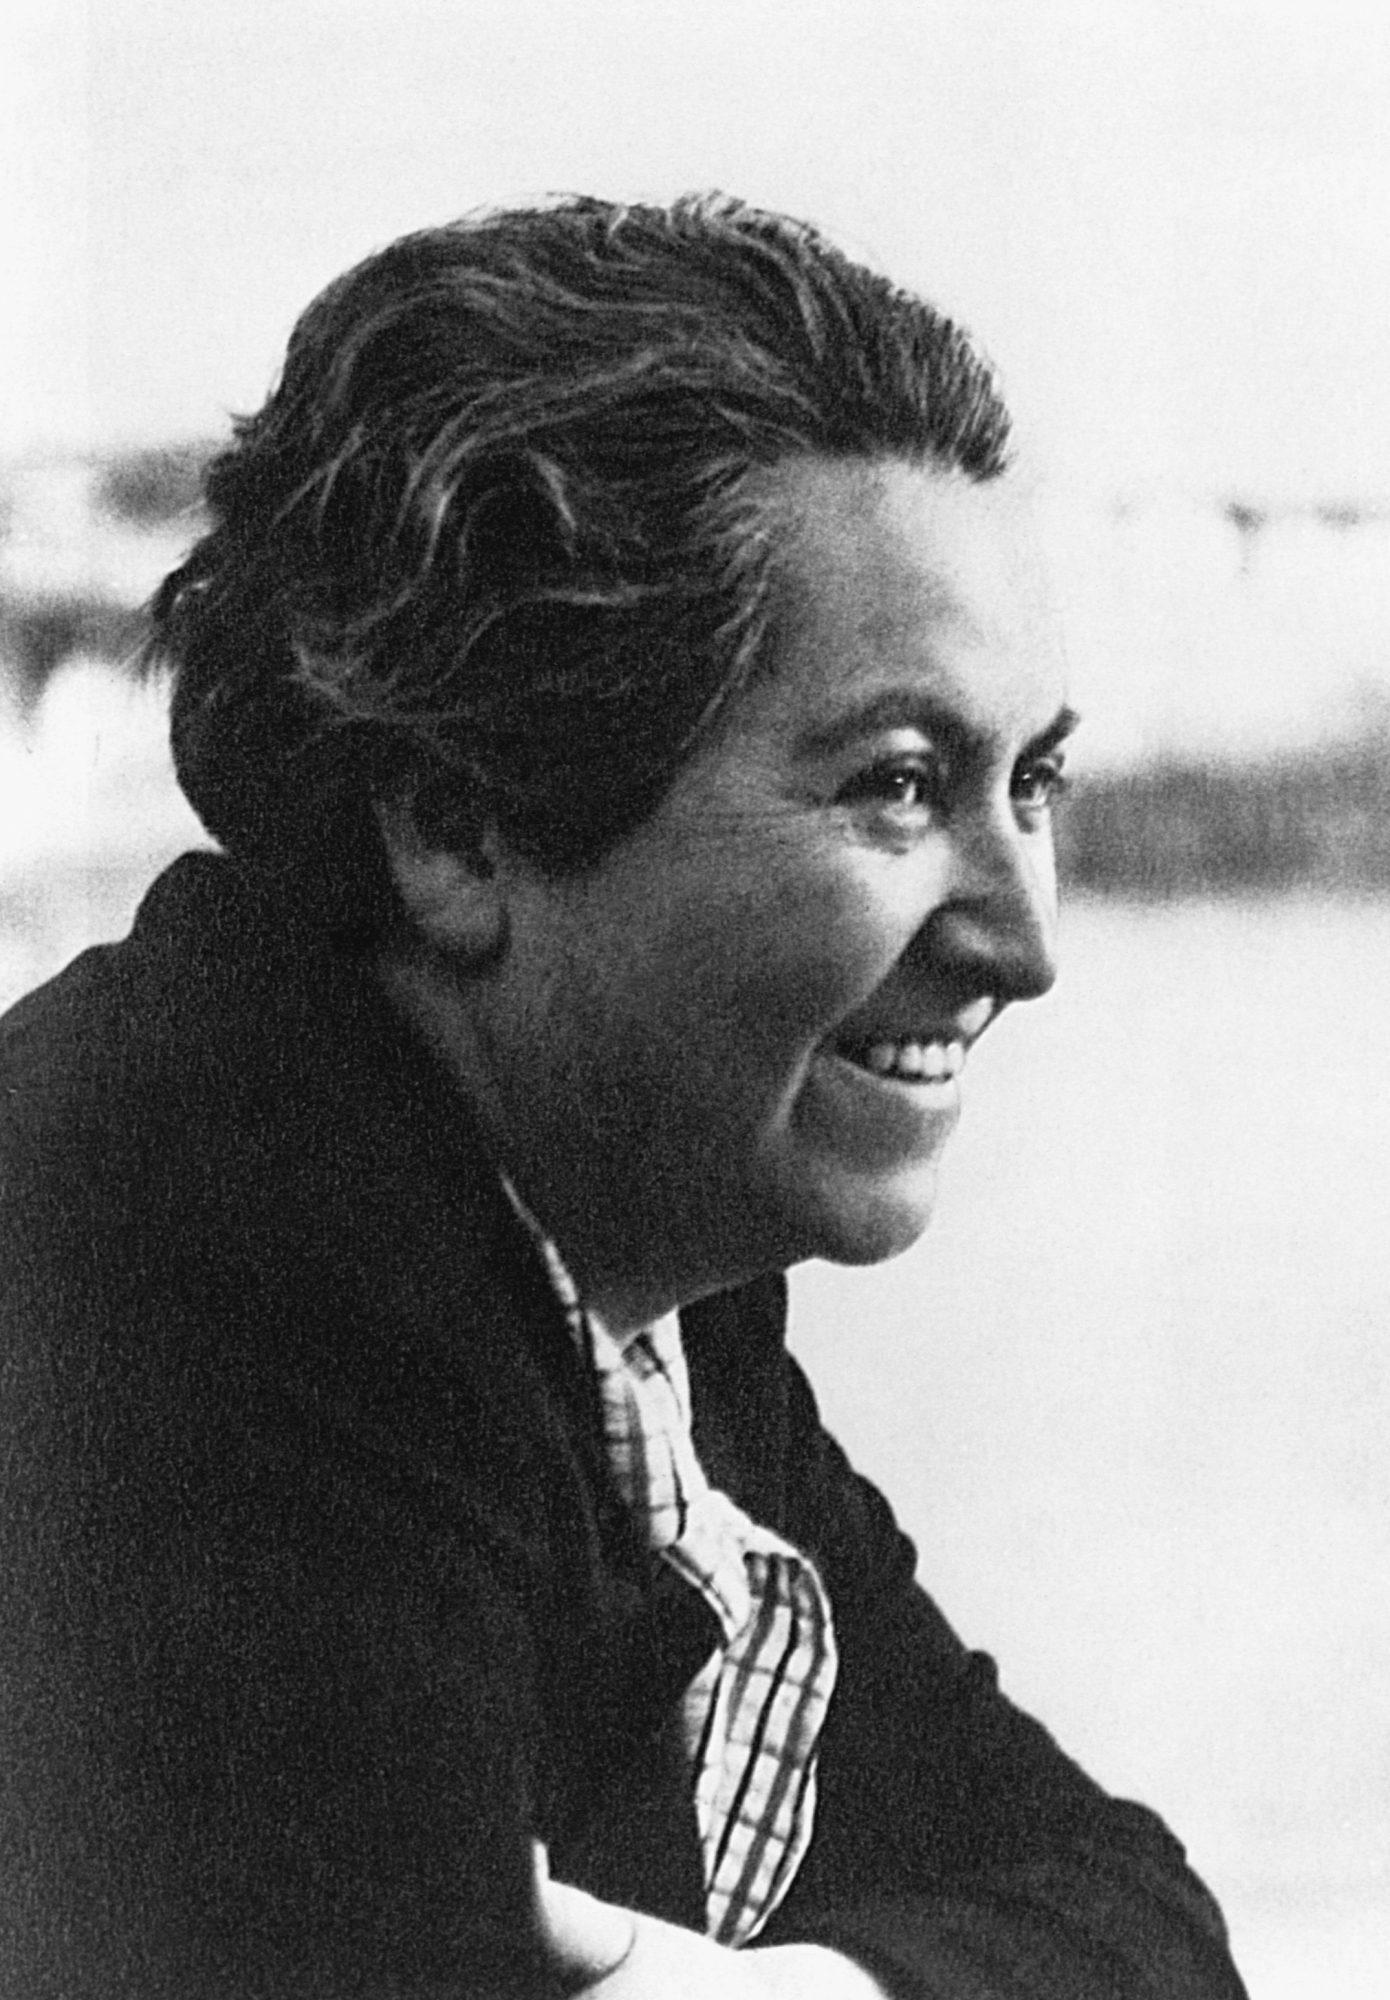 Ser la primera escritora hispana en obtener un Premio Nobel de Literatura (1945) hacen de la escritora chilena un ícono del mundo de las letras. Al igual que su compatriota Pablo Neruda, los poemas de Gabriela Mistral conquistaron a millones de lectores, dejando entre sus obras más reconocidas títulos como Desolación,Ternura, Tala y Lagar.